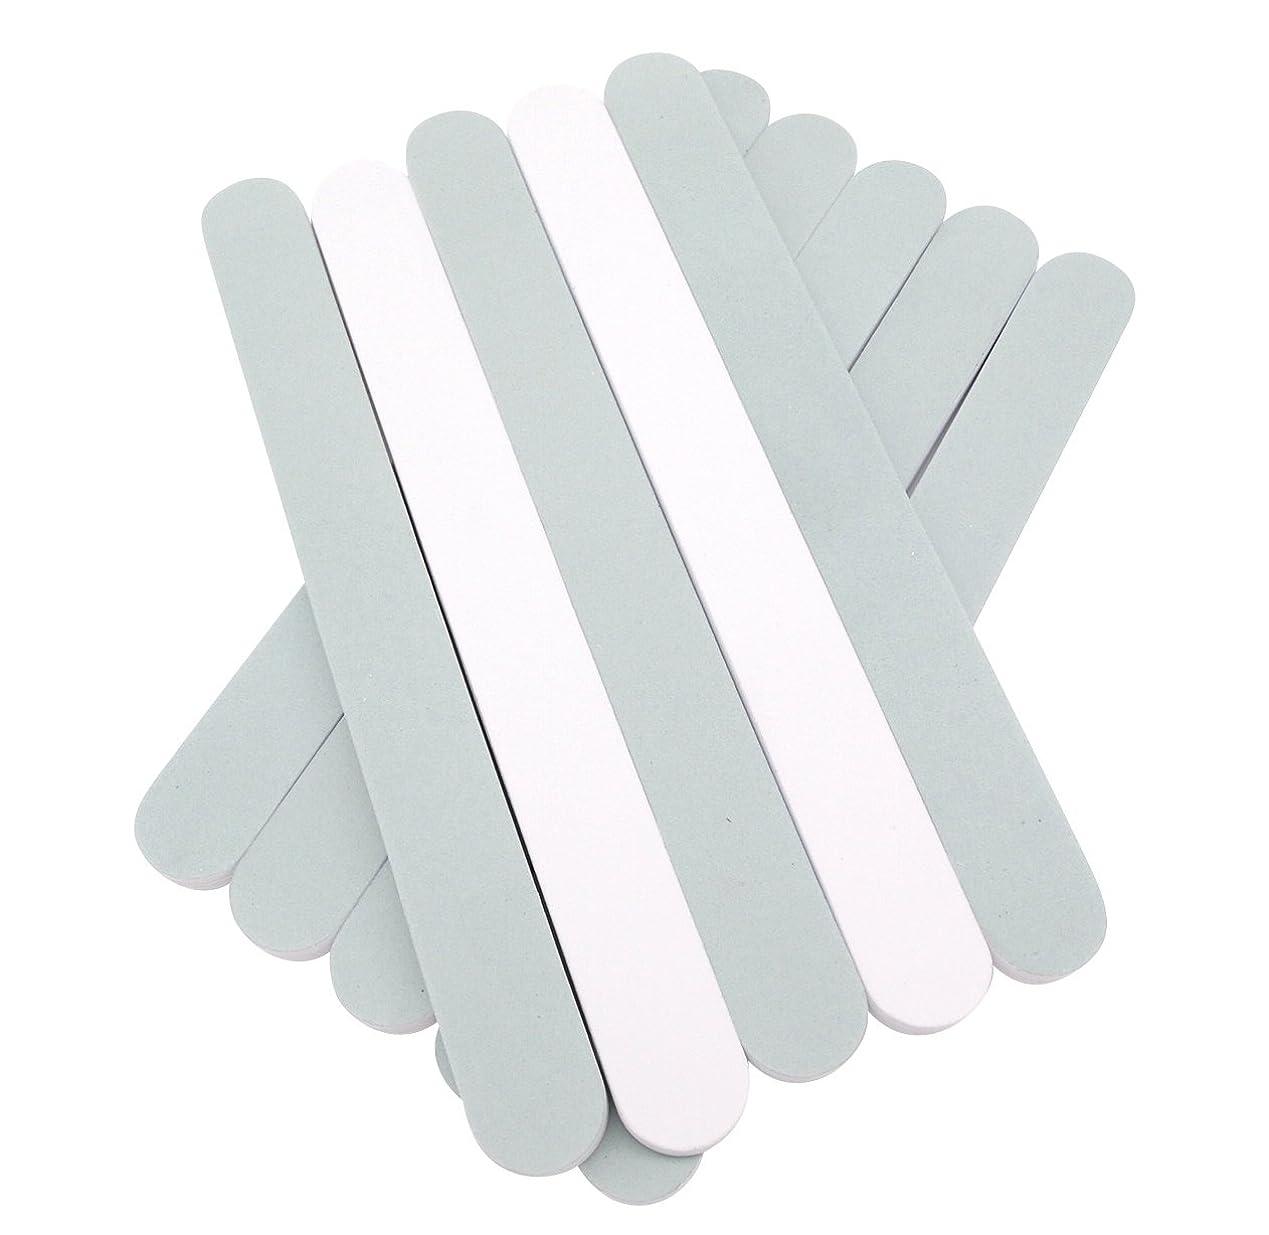 食べる元気な脚本(SOWAKA)2way ネイル シャイナー 10本 セット 爪磨き ツヤ出し (10本セット)